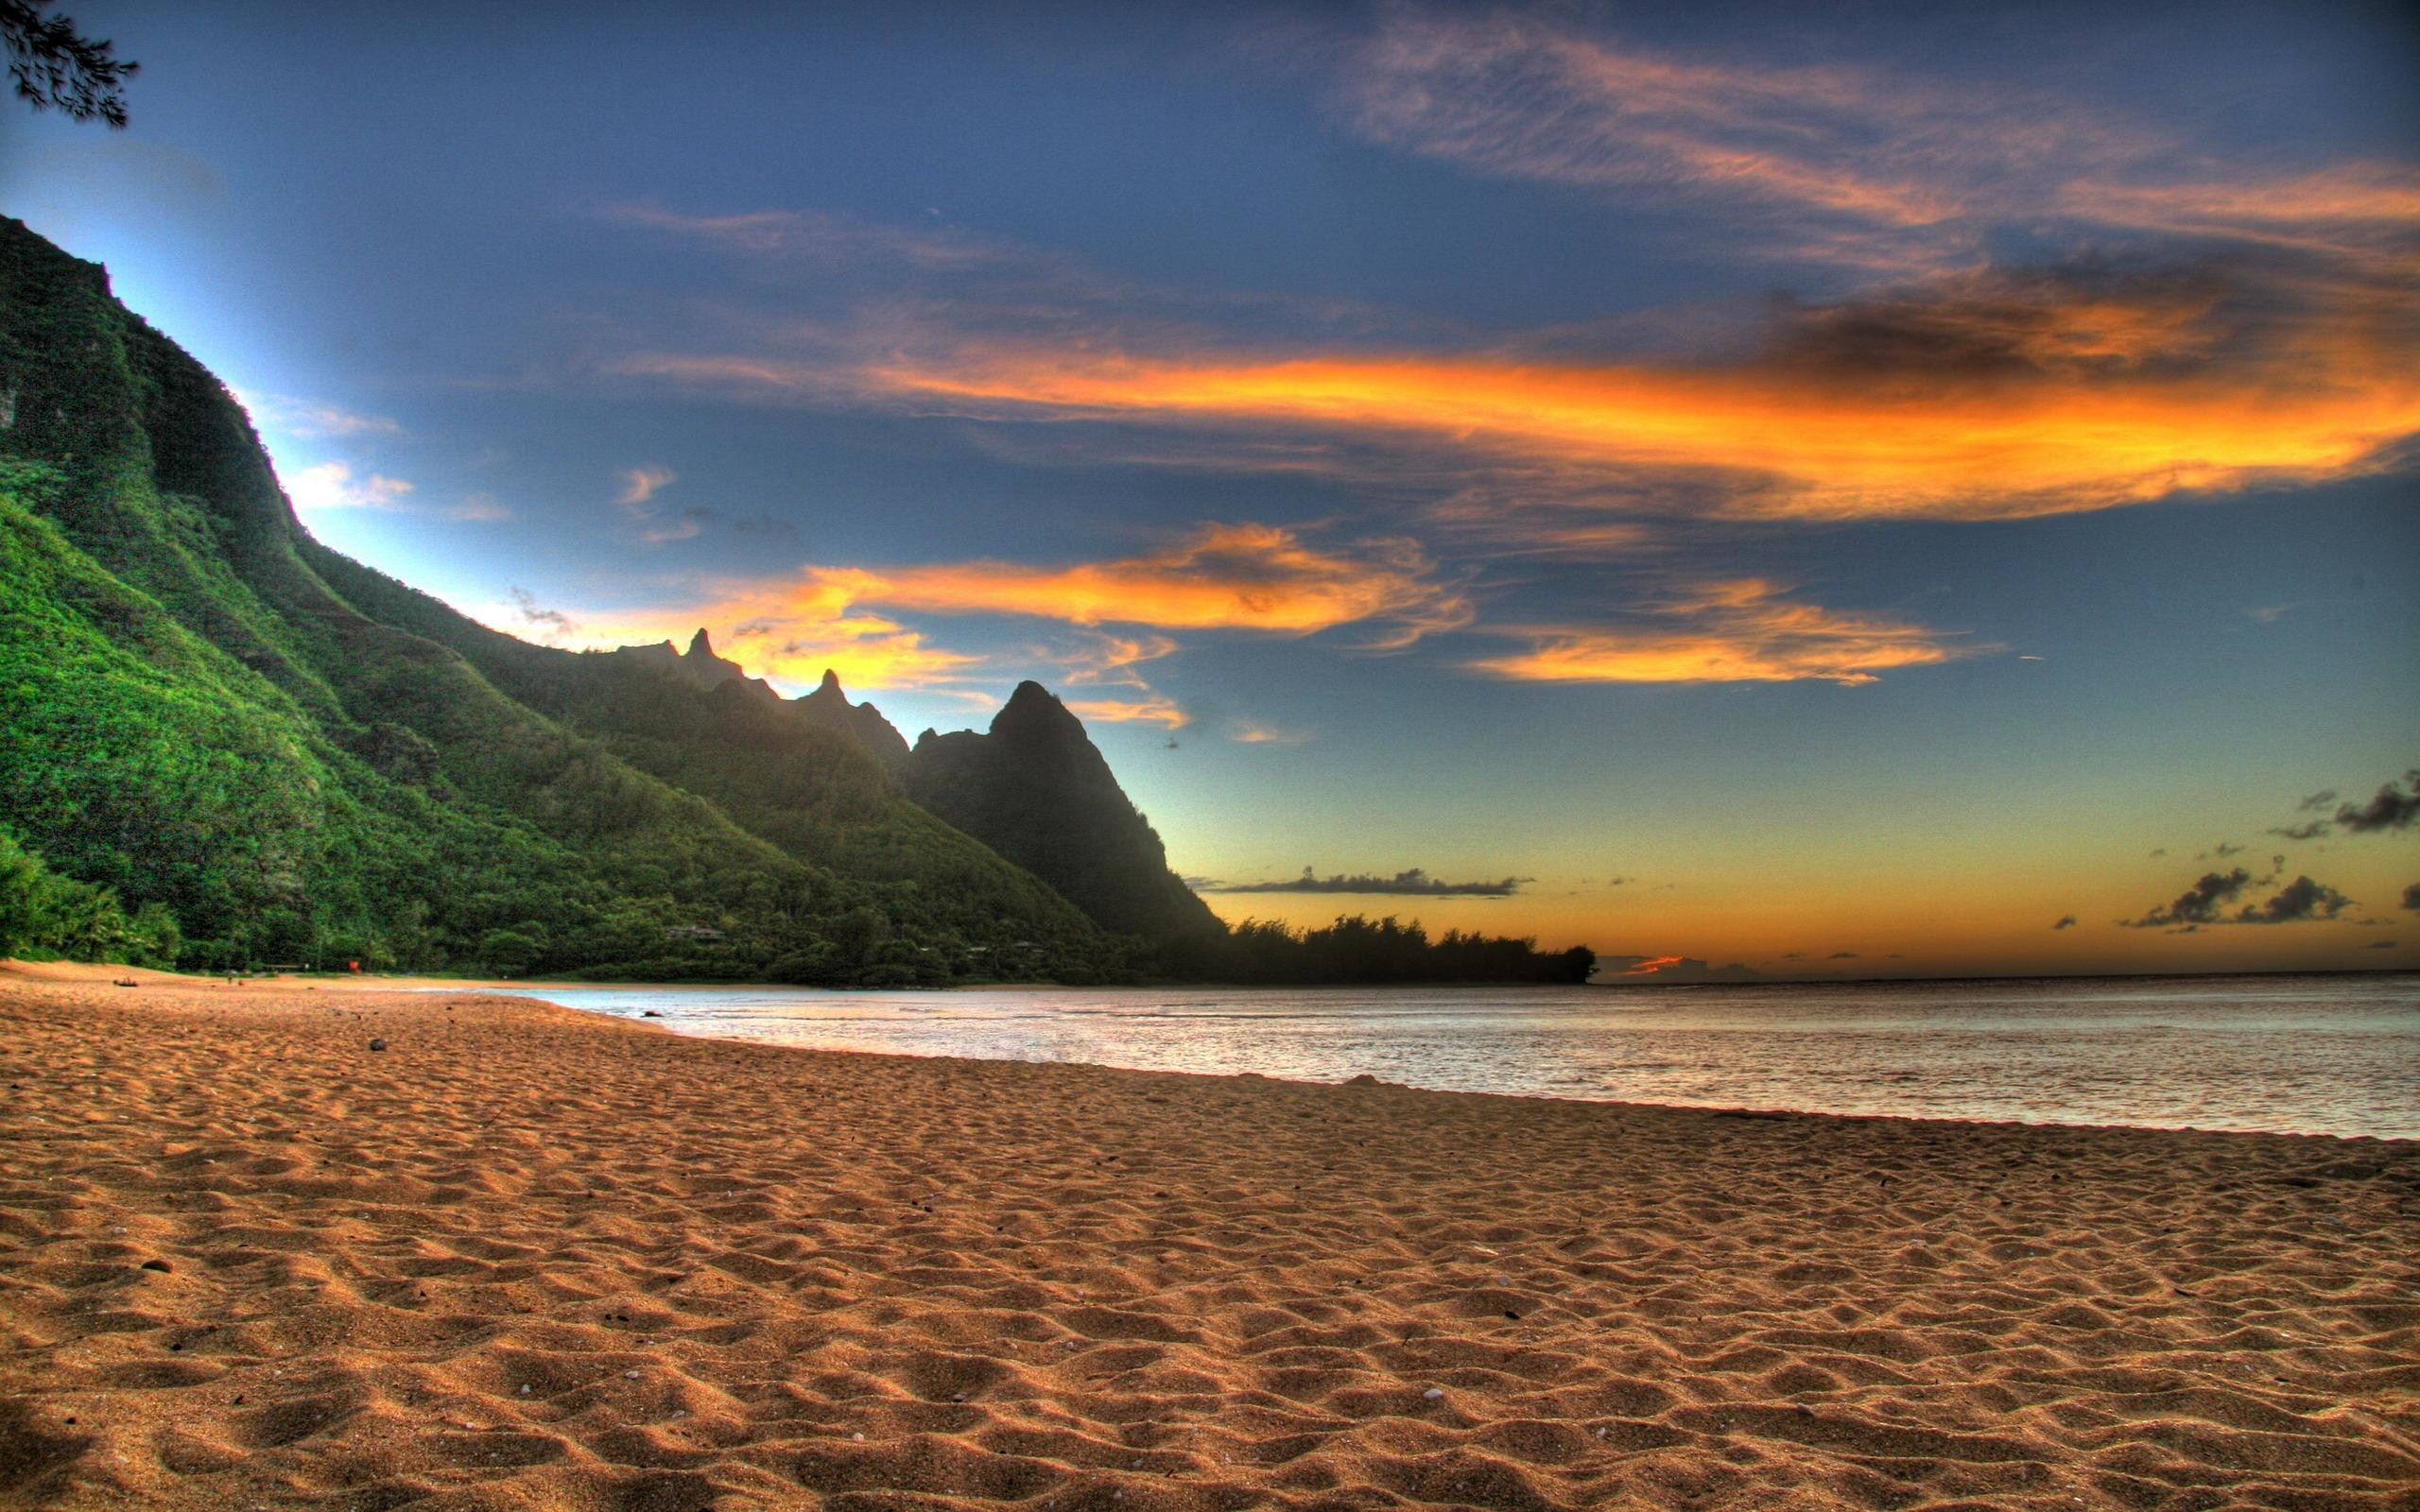 2560x1600 Beach Sunset Wallpaper Desktop Windows Download 3840x2160